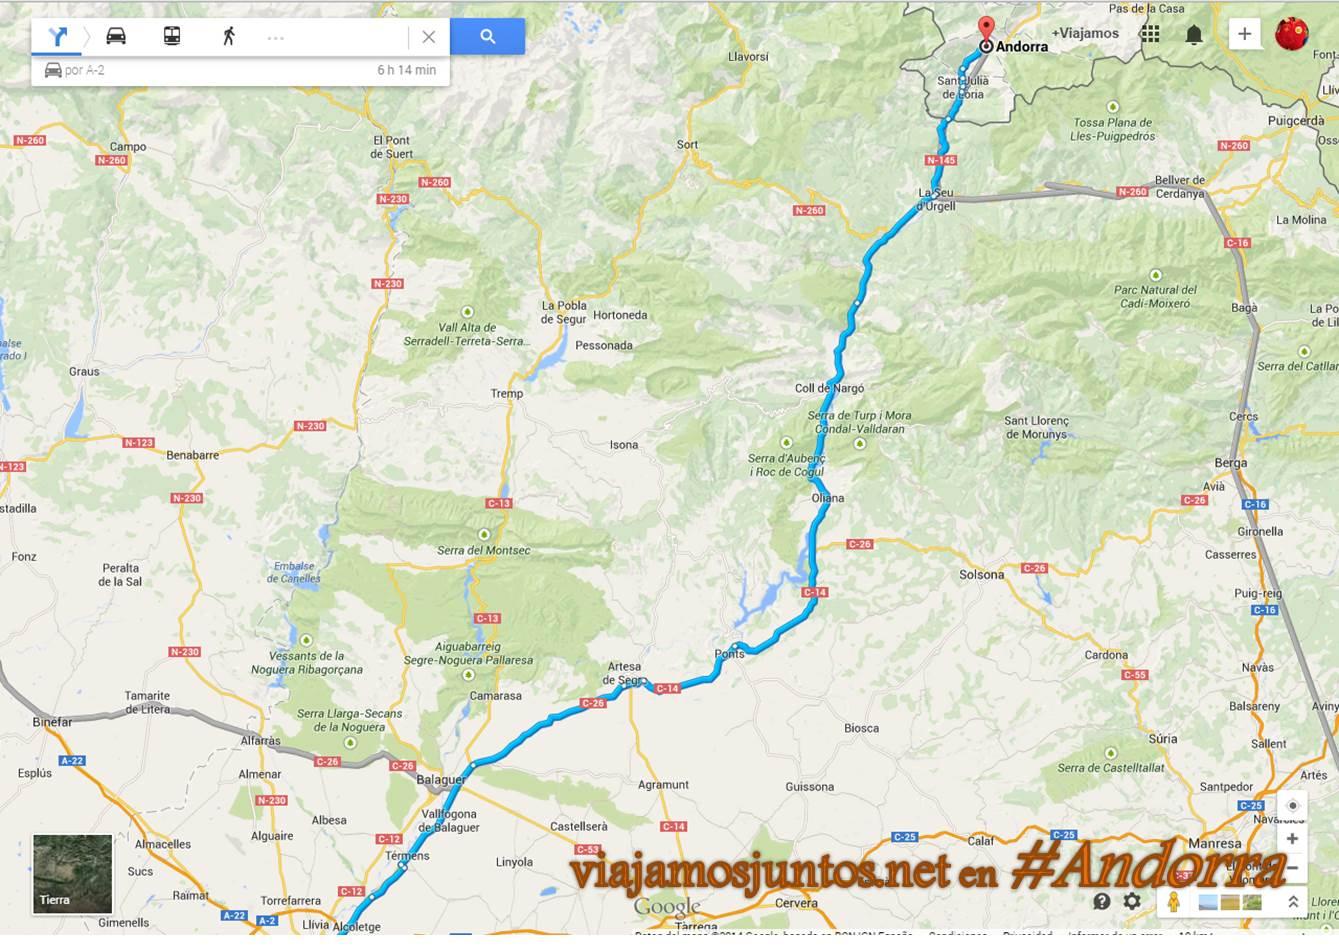 Nuestro acceso favorito a Andorra; como llegar a Andorra desde Madrid por carreteras gratuitas y cómodas